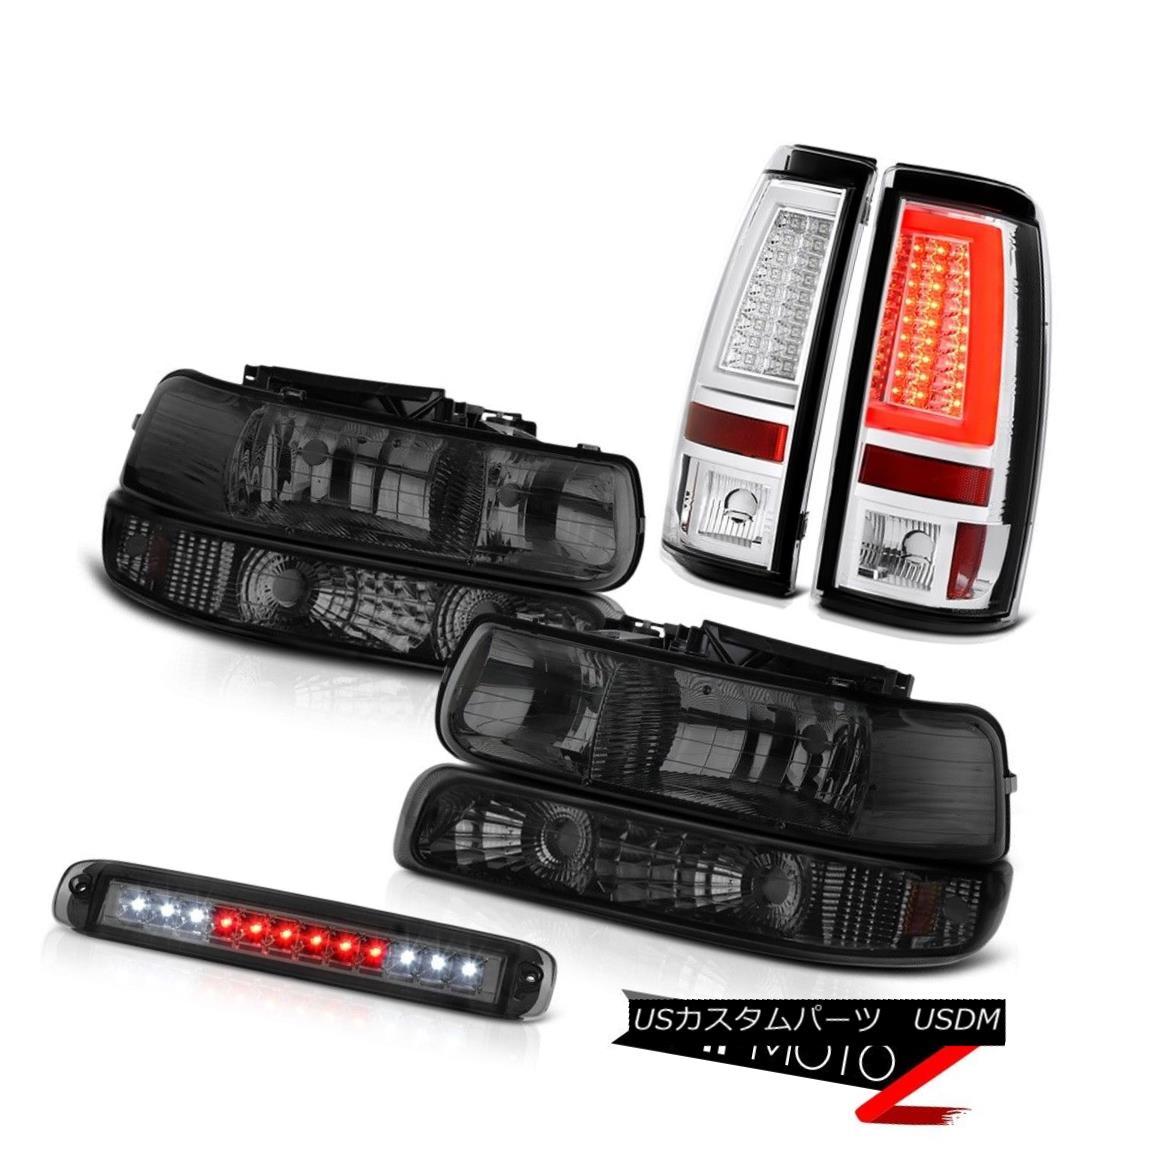 テールライト 99-02 Silverado Z71 Rear Brake Lamps Roof Cab Light Headlamps Parking Assembly 99-02 Silverado Z71リアブレーキランプルーフキャブライトヘッドランプパーキングアセンブリ